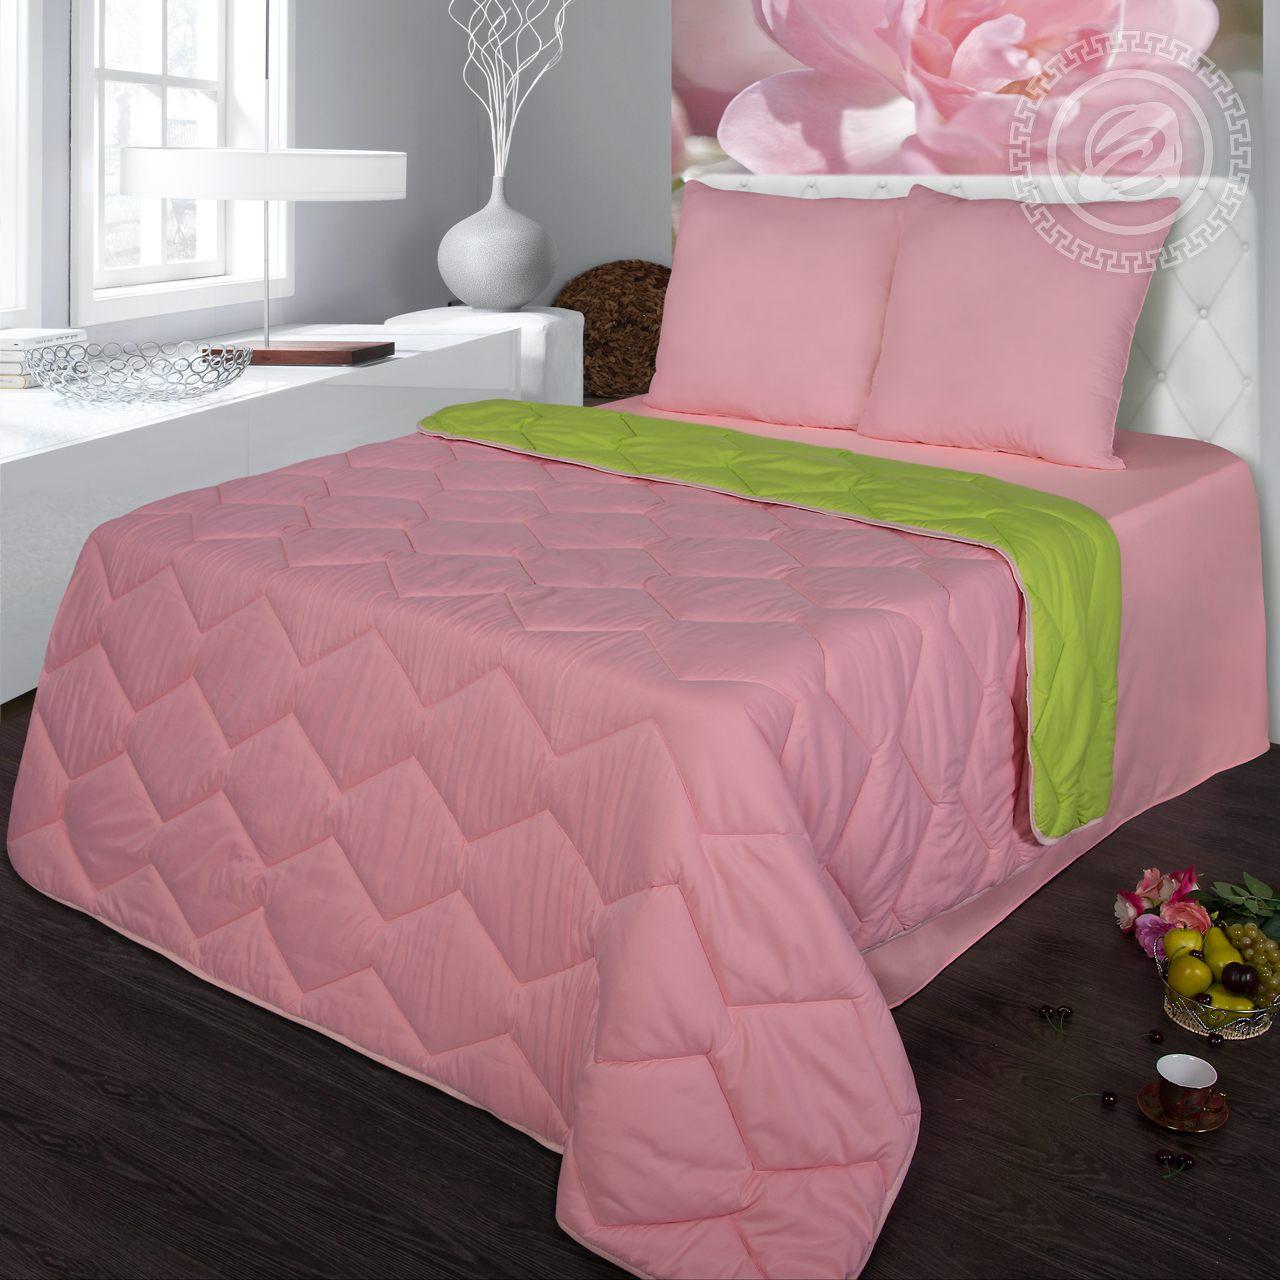 """Одеяло """"Comfort Розовый"""" р. 2,0-сп. — Comfort Розовый"""